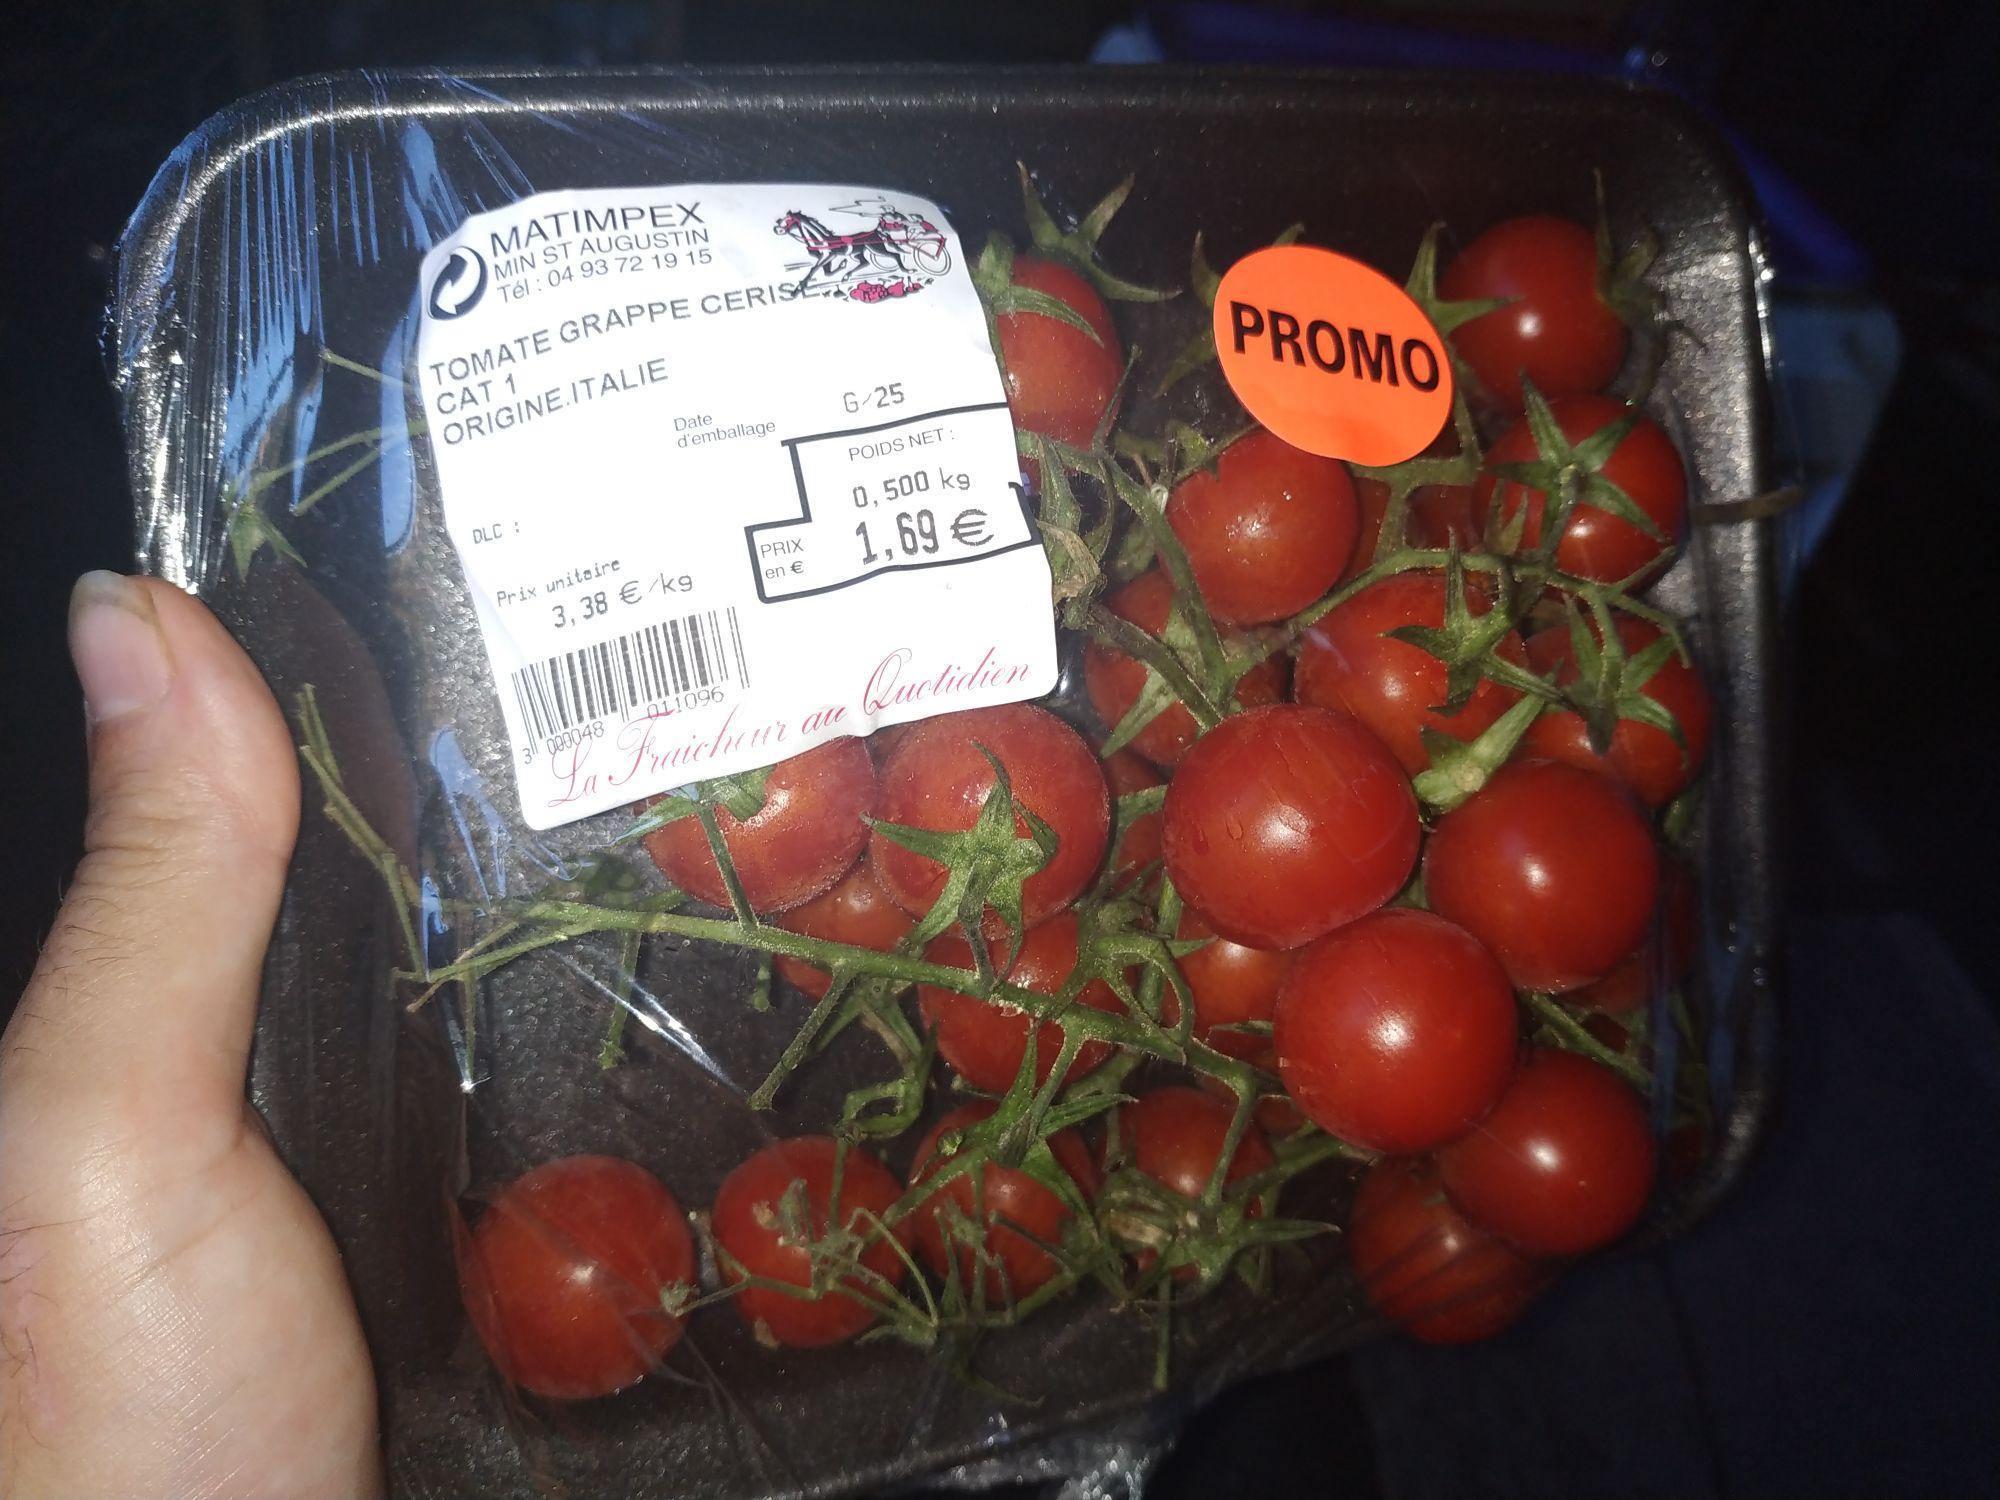 Barquette de tomates grappes cerises Matimpex (500 g, cat. 1, origine Italie) - Nice Madeleine (06)